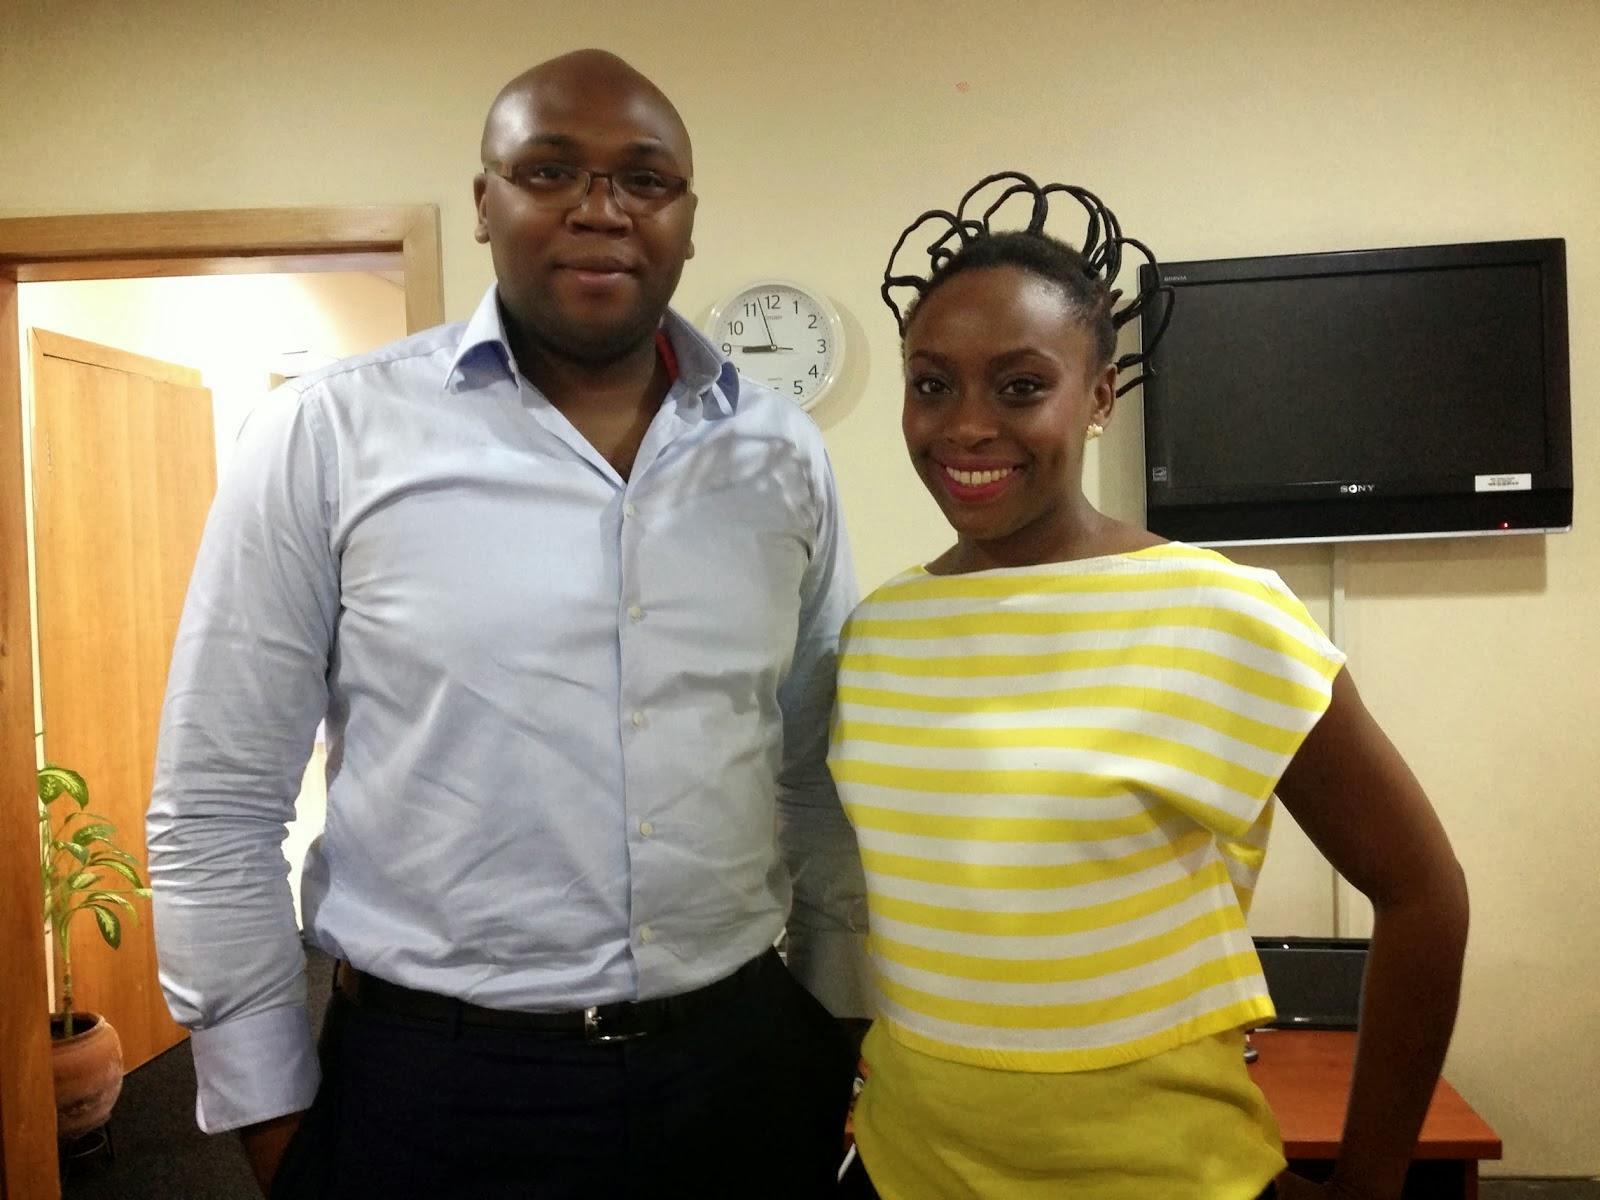 Chimamanda Adichie Hair & Hairstyles on BBC